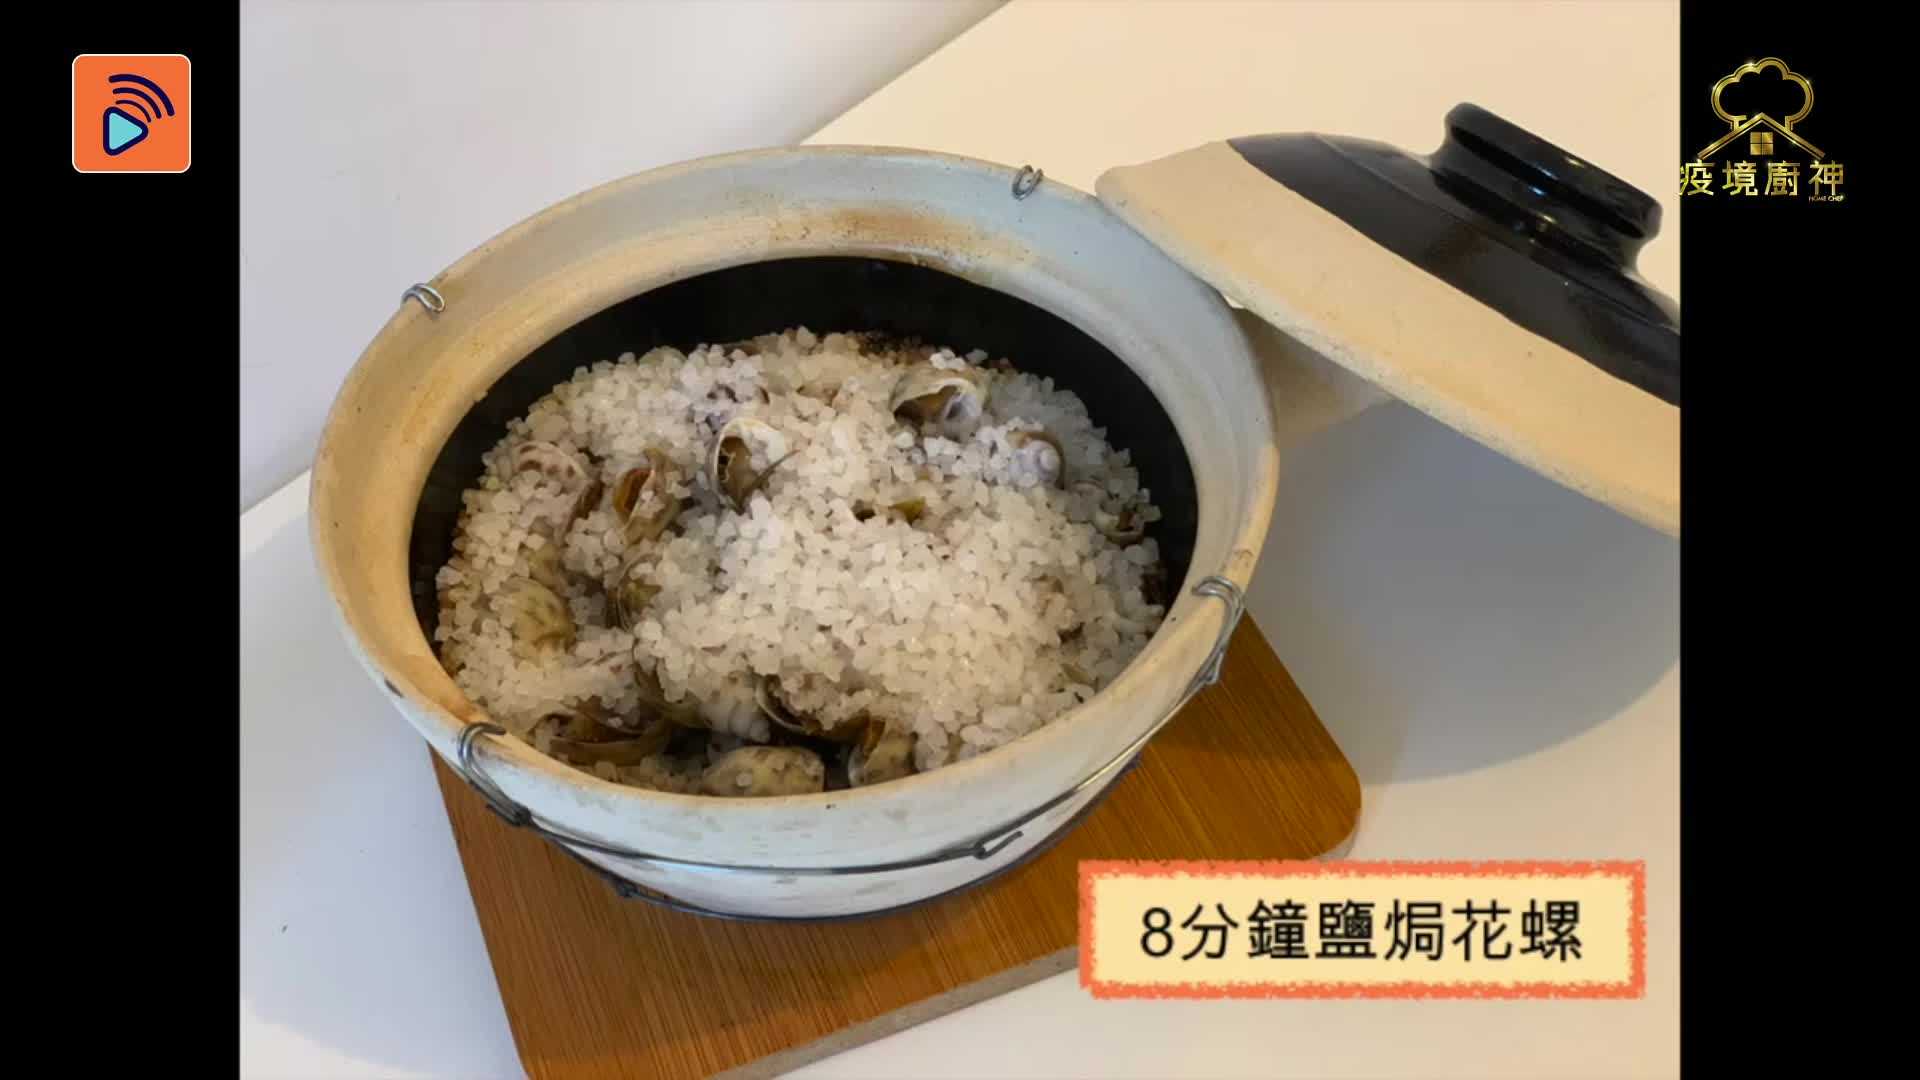 【鹽焗花螺】大忙人救星…教你如何八分鐘煮完一道餸